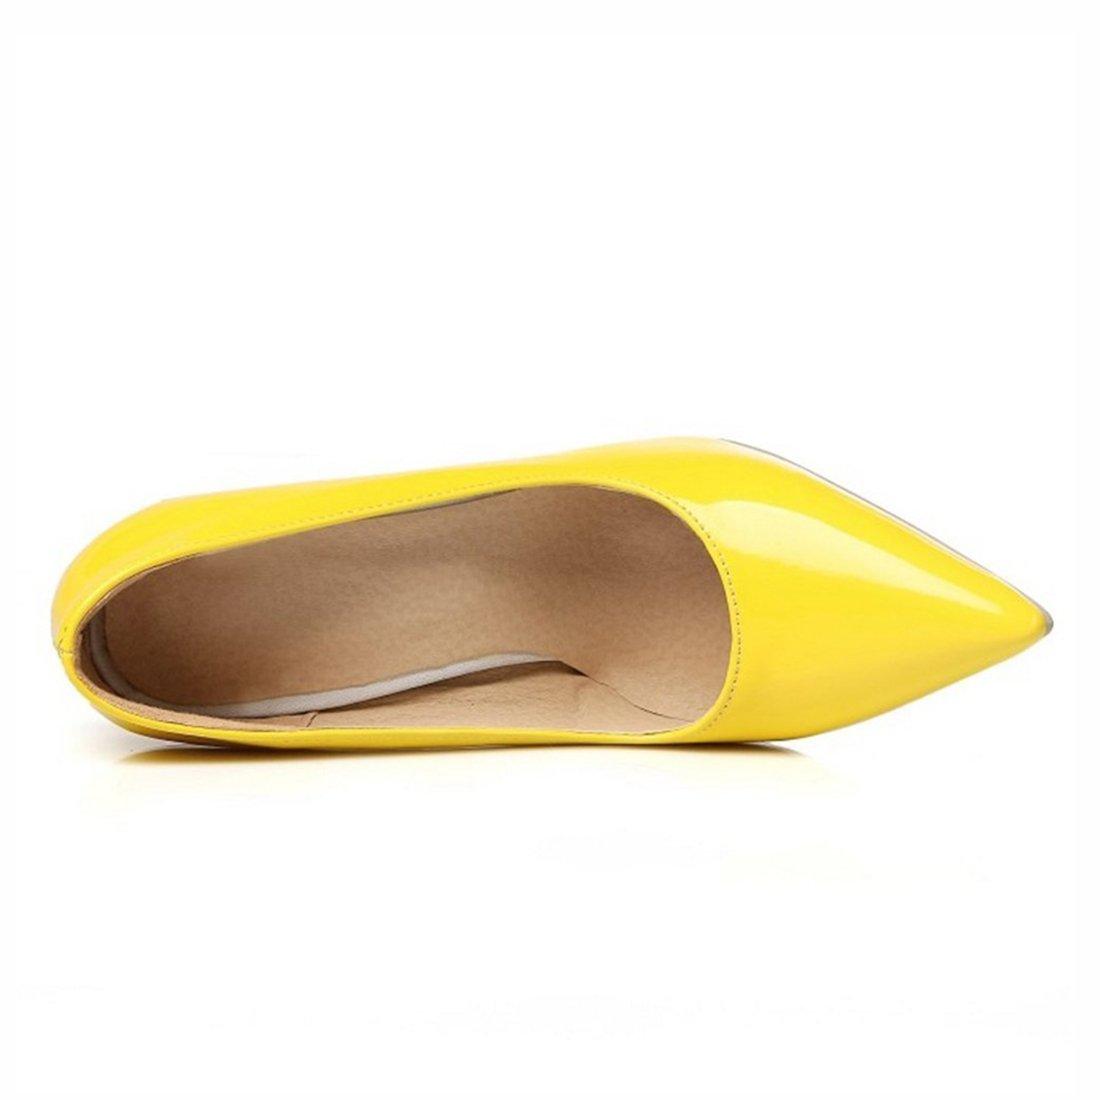 Agodor Damen High Heels Lack Pumps mit Spitze und Stiletto Elegant Arbeit  Büro Schuhe Nubuk Blau , AIYOUMEI Damen Lack Pumps mit Blockabsatz und  Perlen ... 199cf6b799